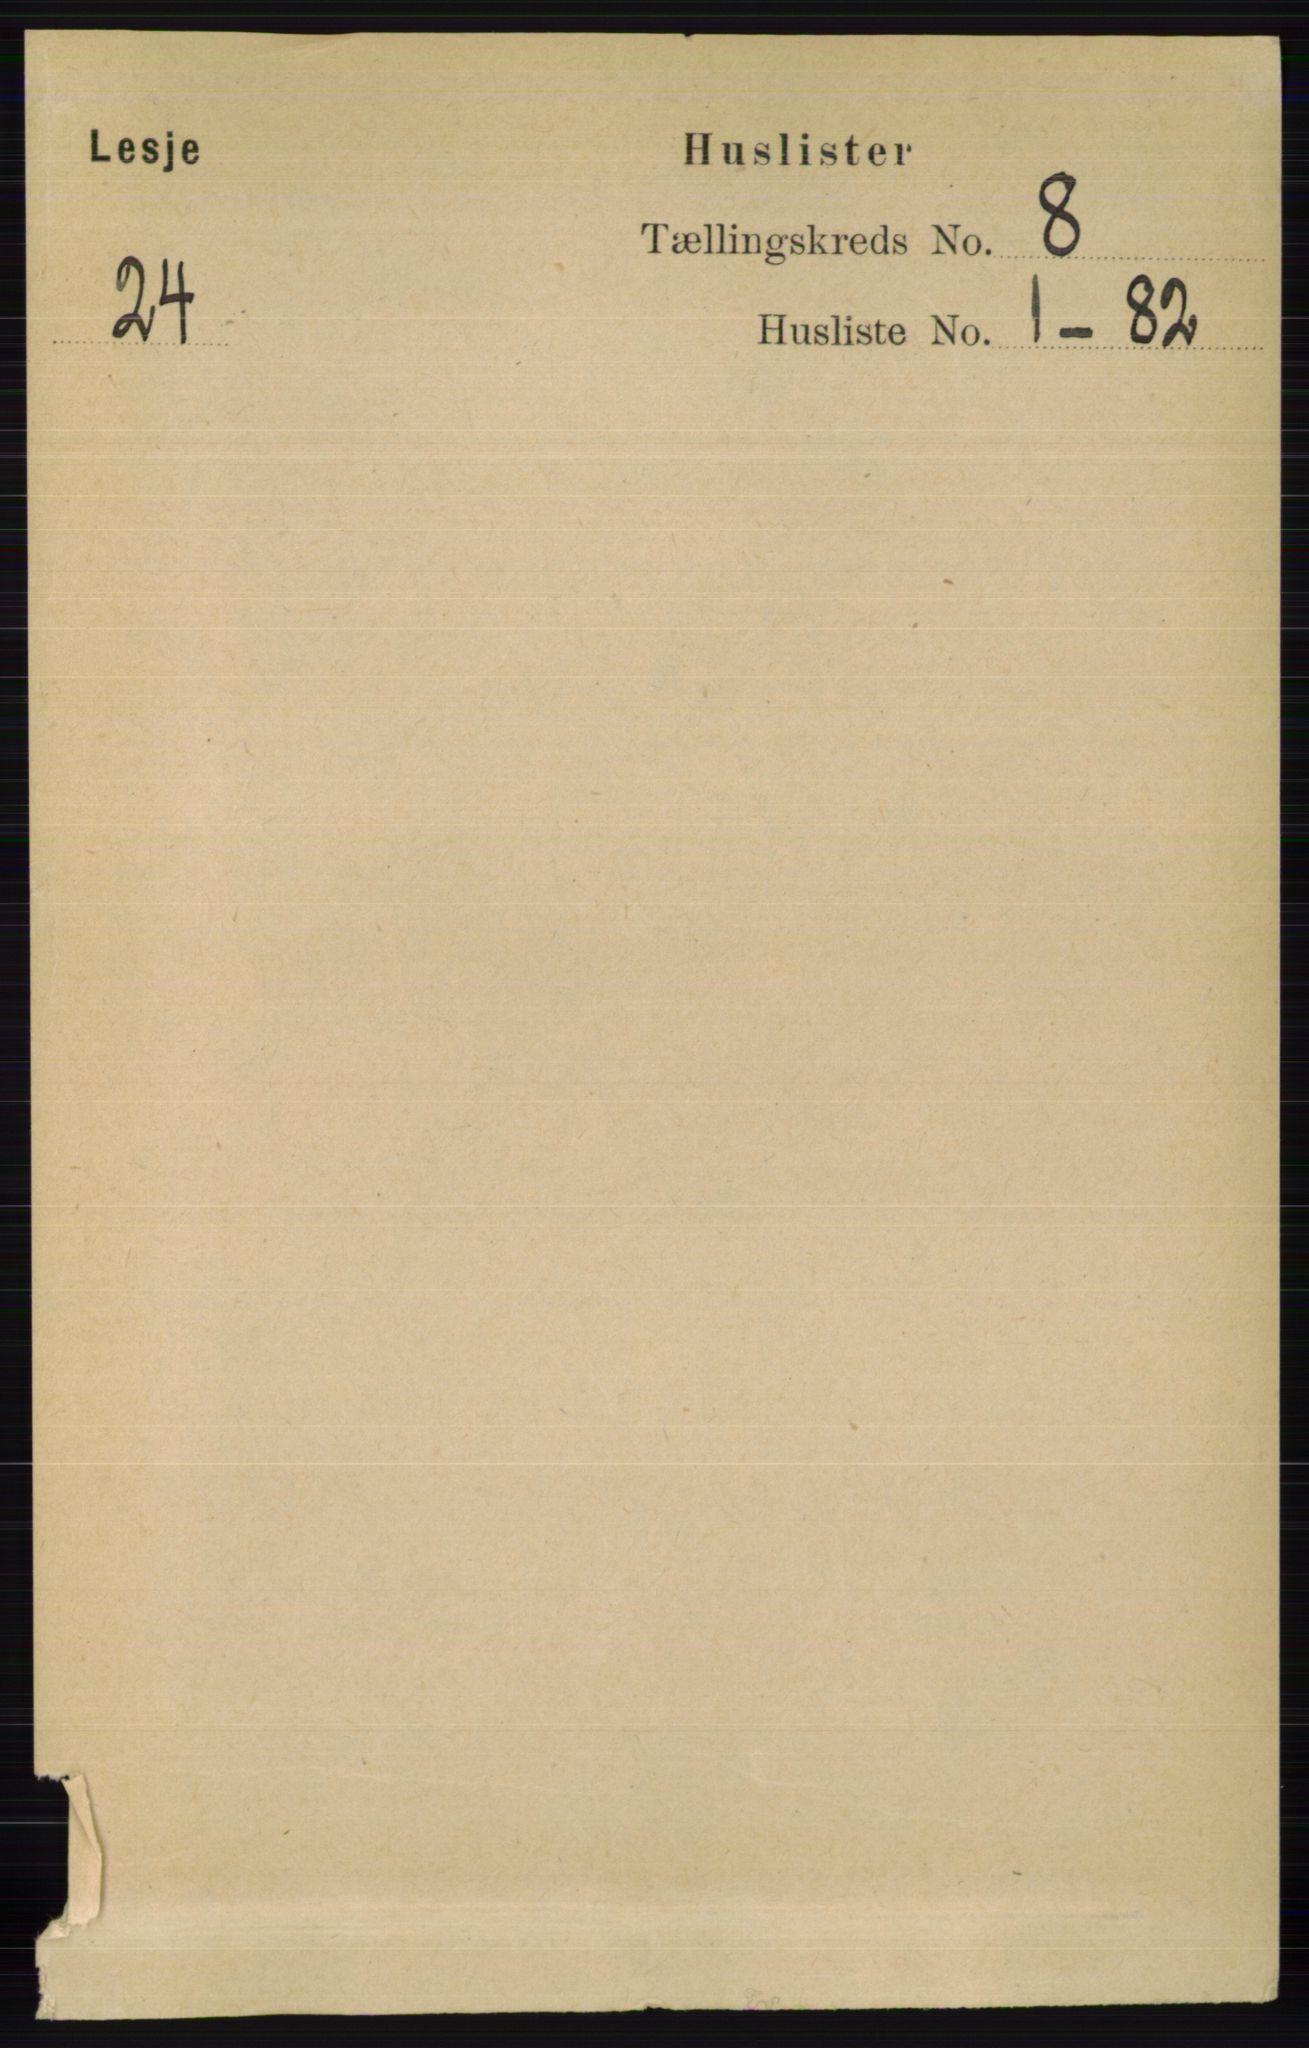 RA, Folketelling 1891 for 0512 Lesja herred, 1891, s. 2905